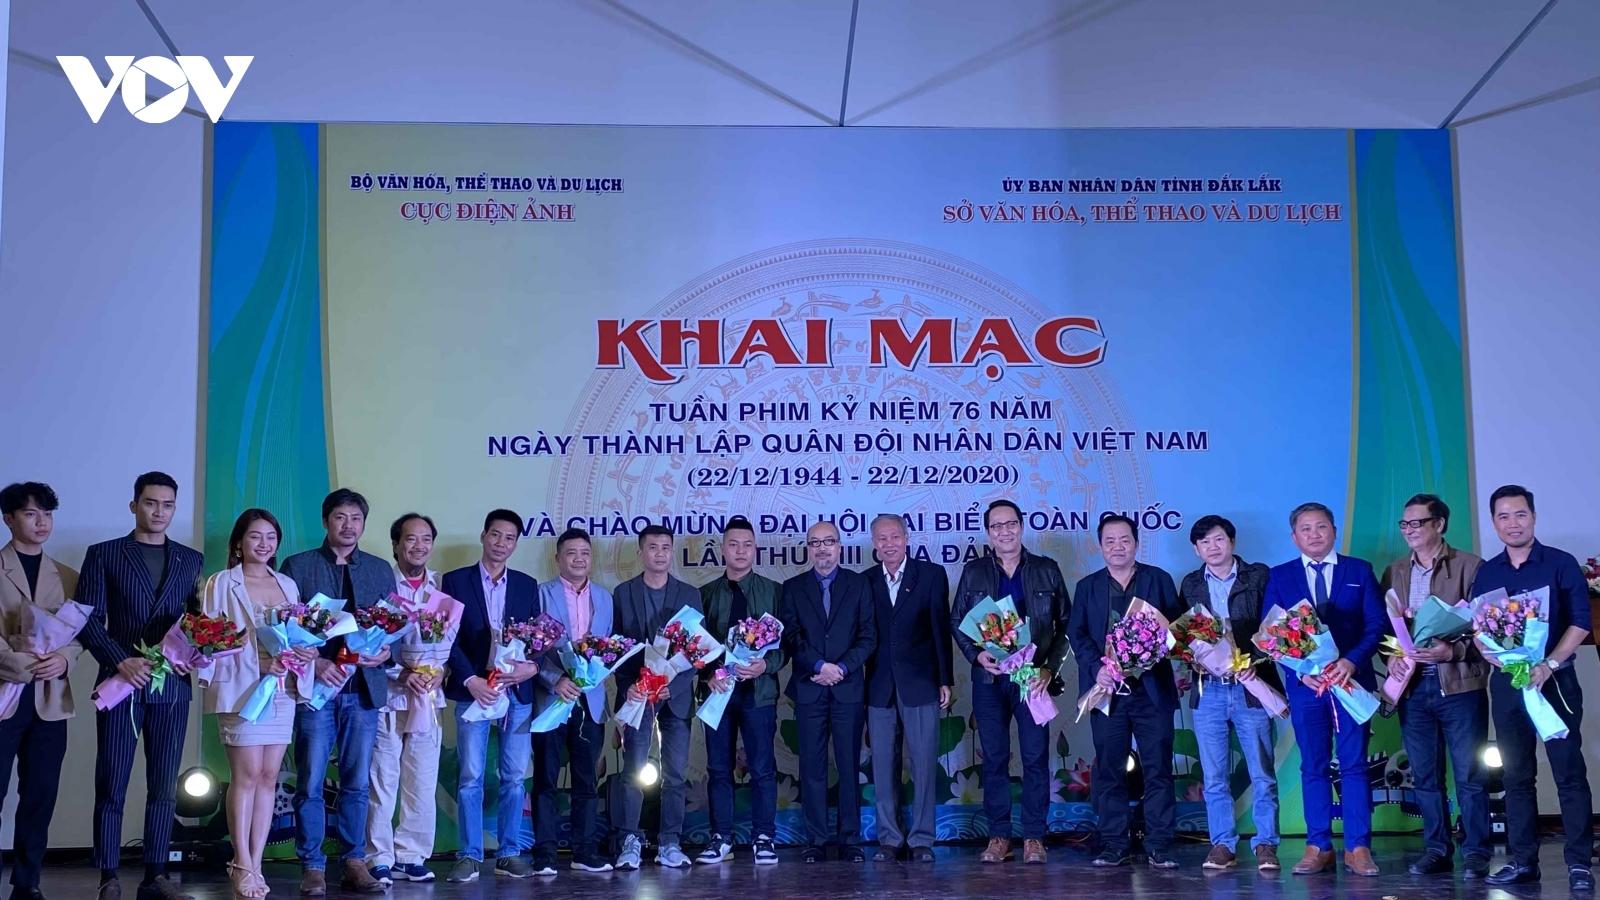 Khai mạc Tuần lễ phim kỷ niệm 76 năm thành lập QĐND Việt Nam